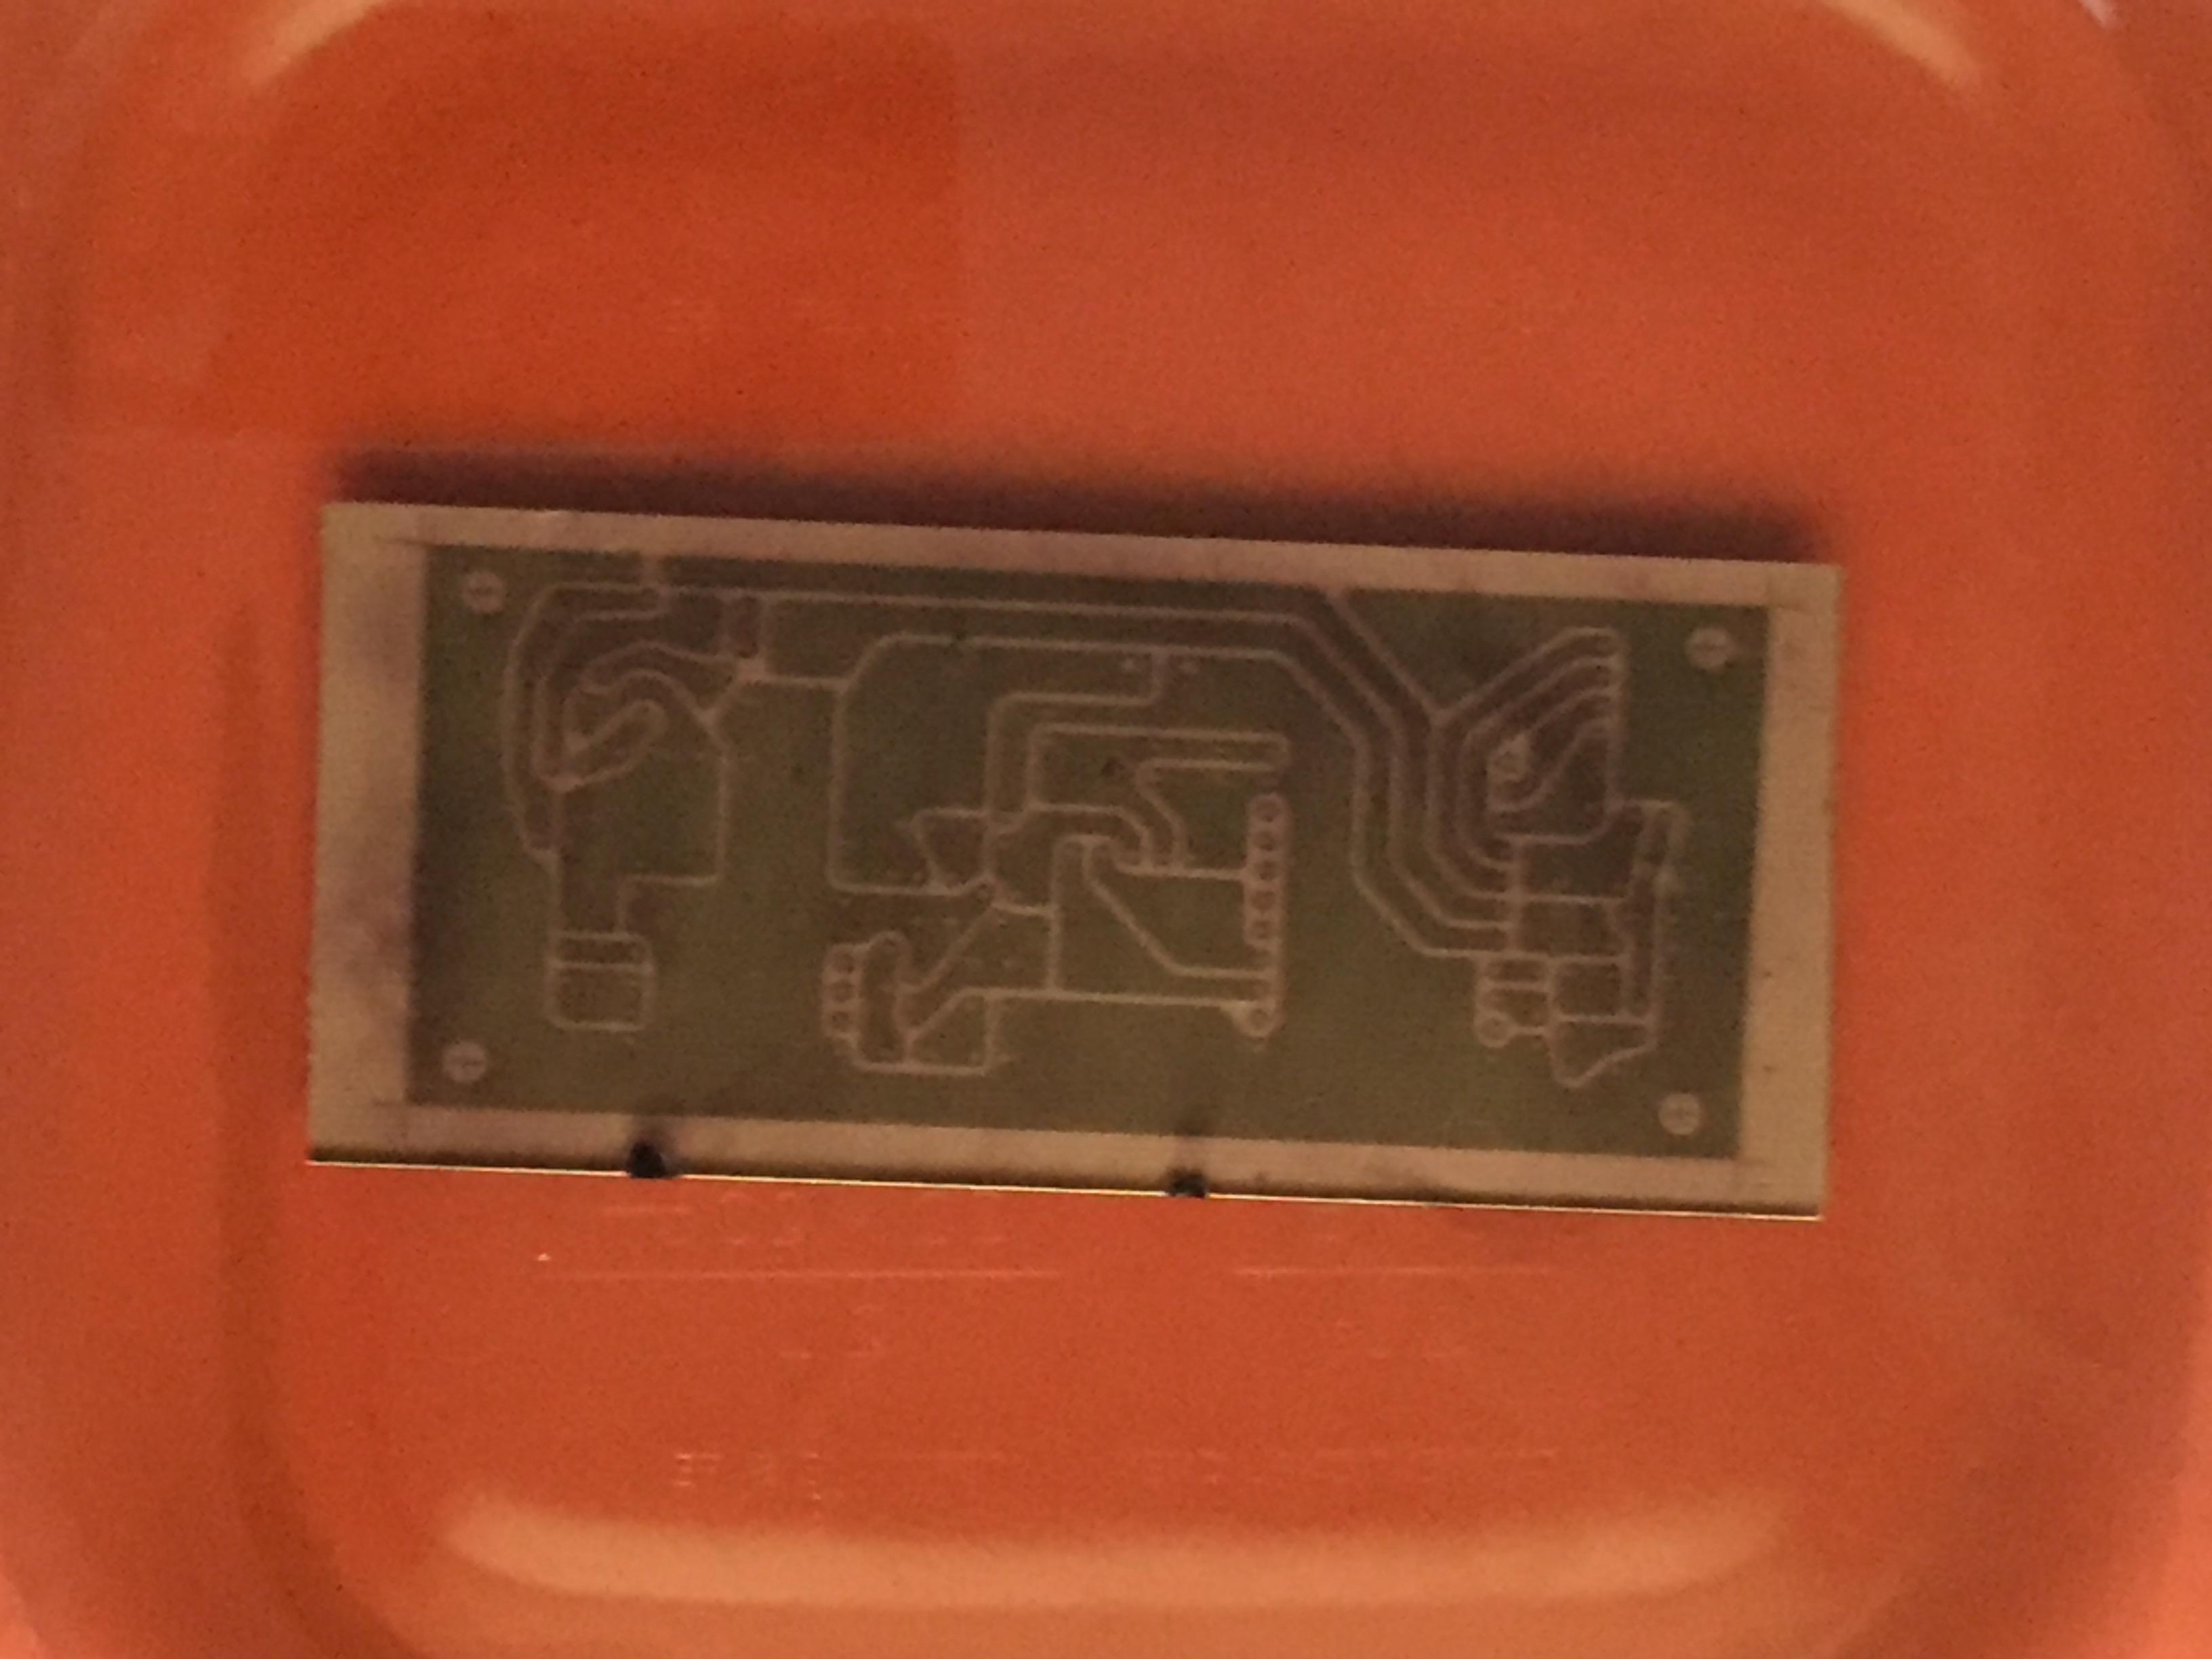 UVbox15.JPG